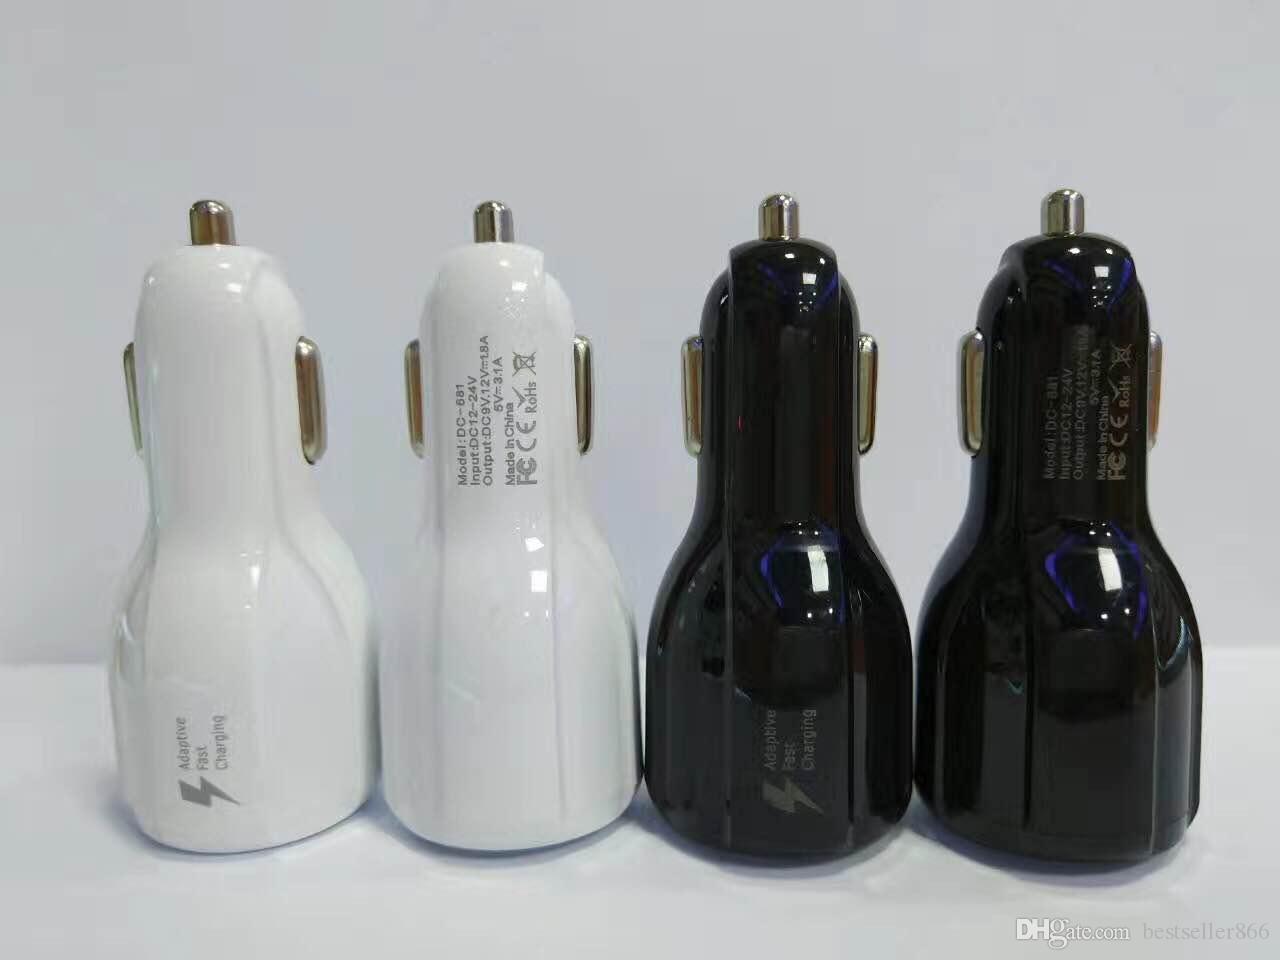 العالمي المزدوج USB 3.1a 5V 9V 12V شاحن سيارة سريع لسامسونج S8 S8 زائد آيفون 7 7plus 6S أسود أبيض